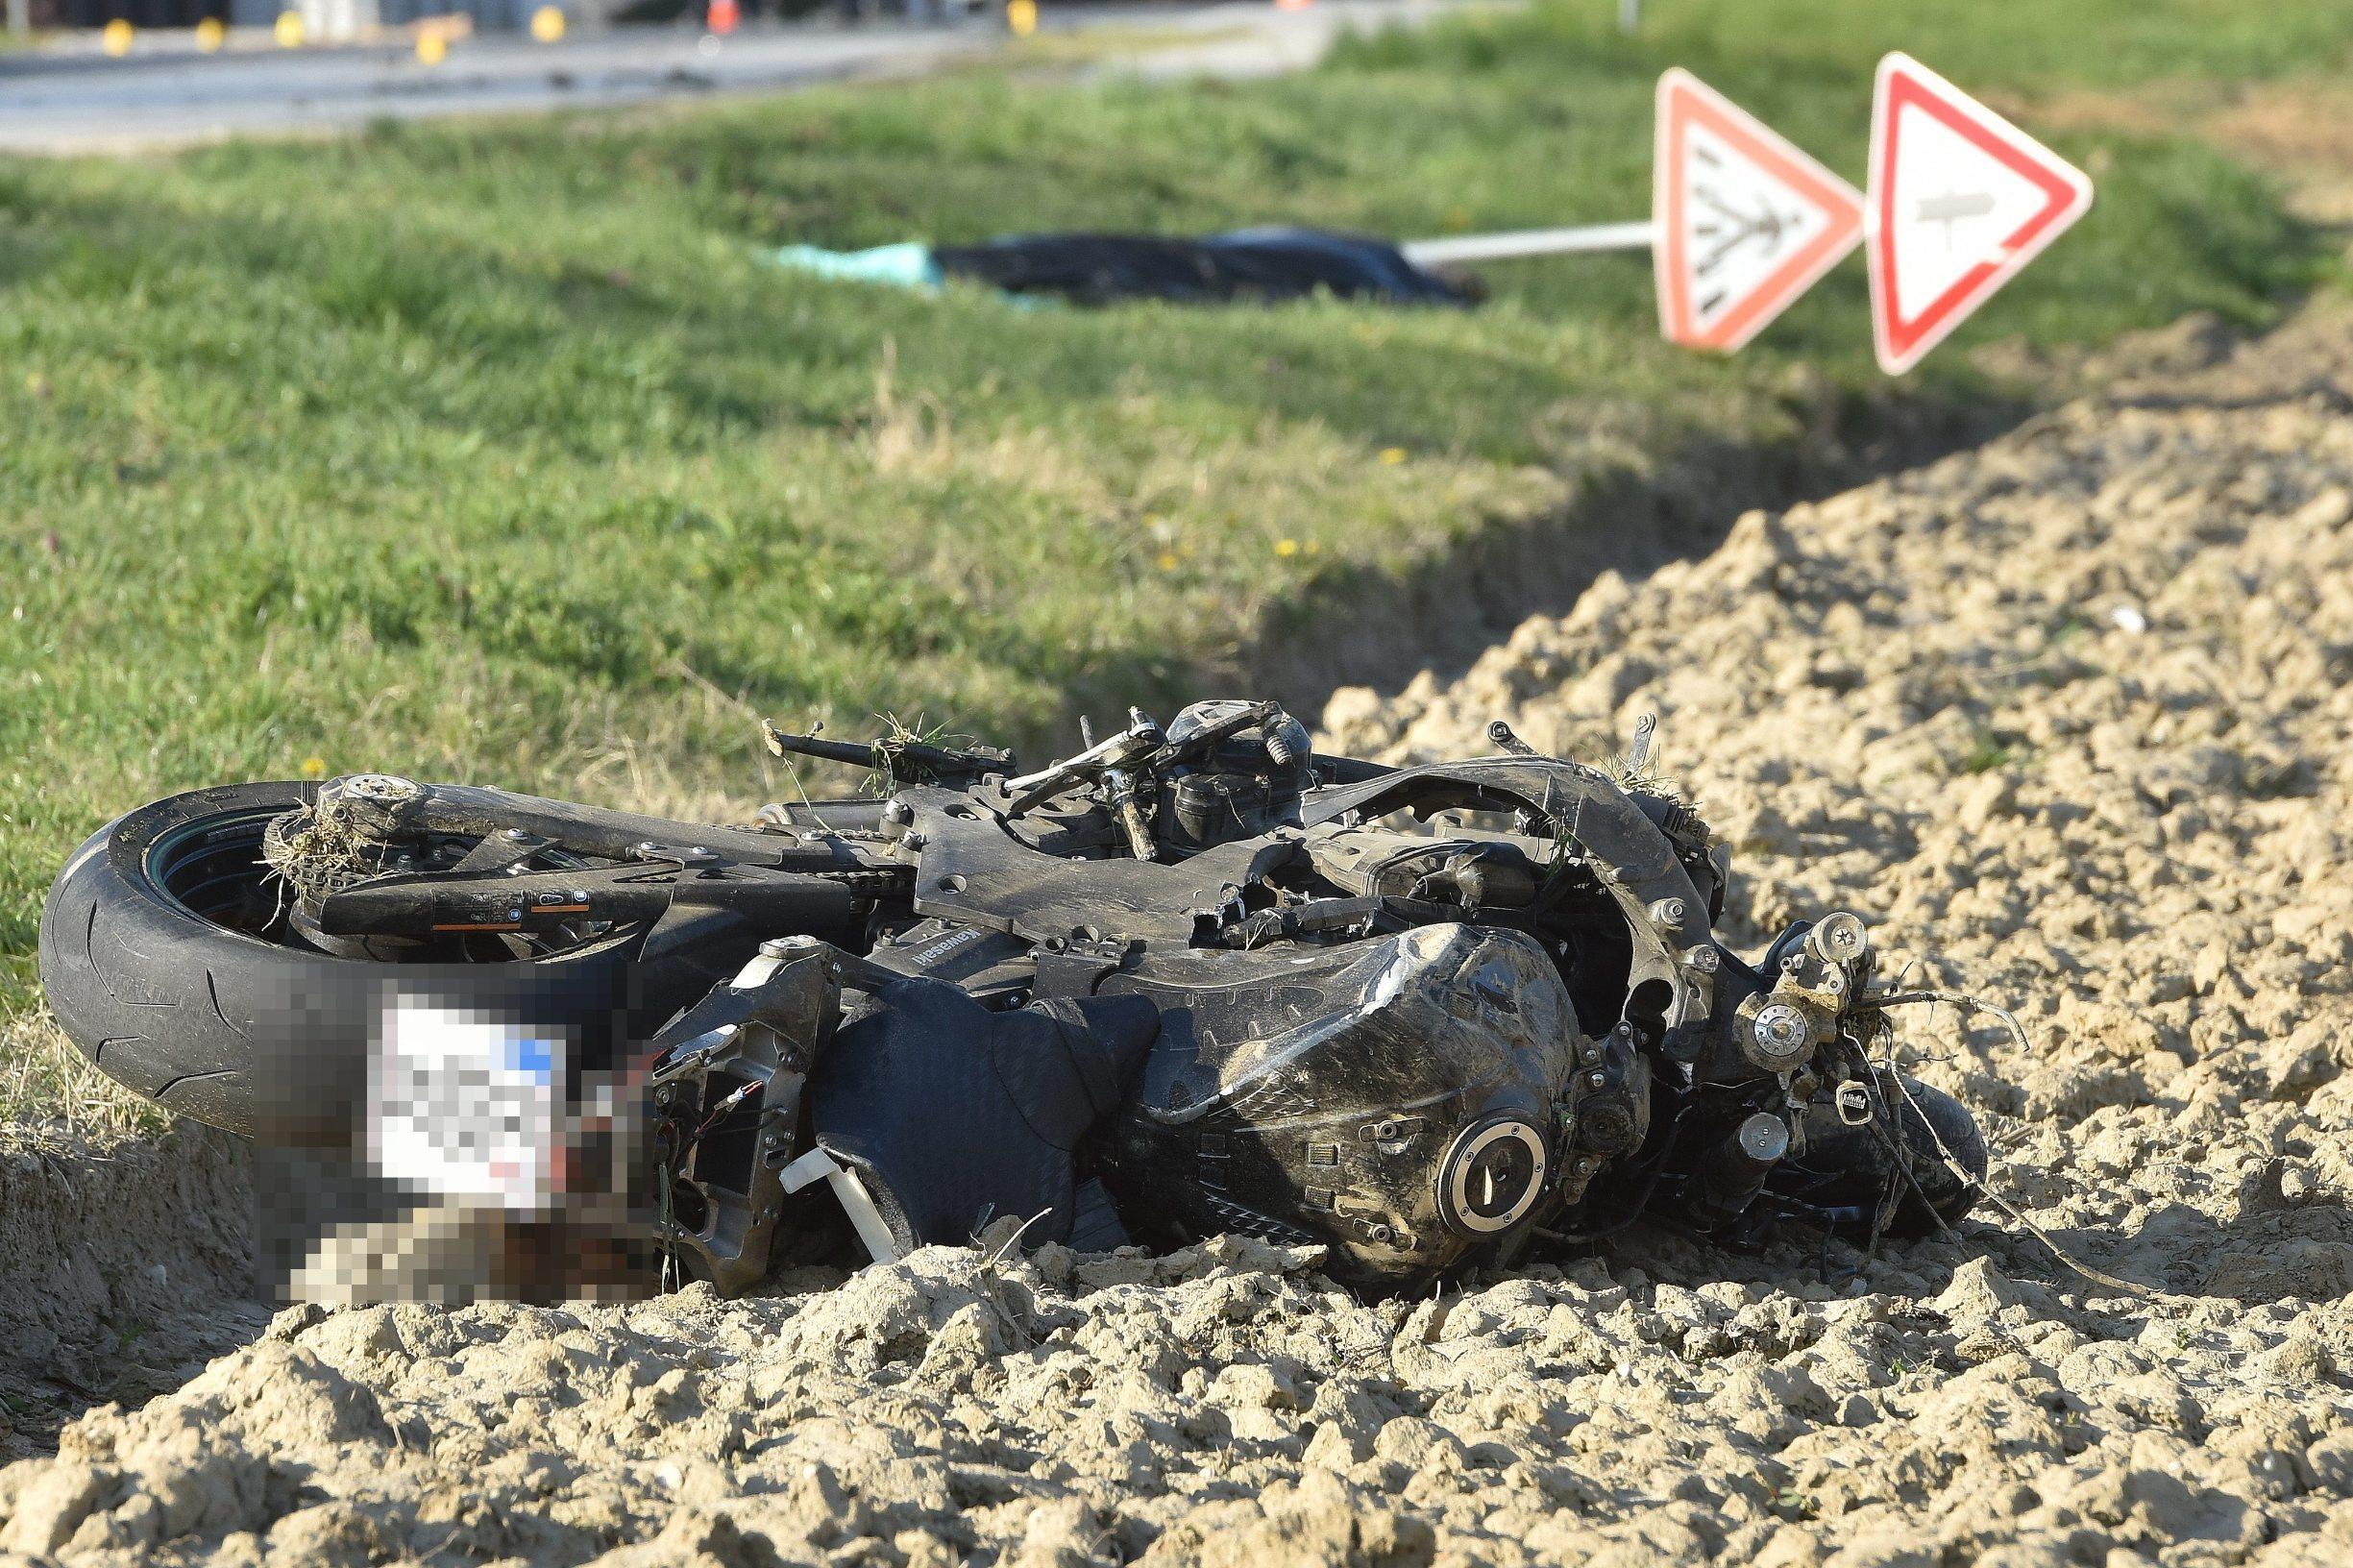 Cakovec, 020420. U prometnoj nesreci smrtno je stradao motociklist. Nesreca se dogodila na ulazu u mjesto Novo selo Rok iz smjera Cakovca, a uzroci ce biti poznati nakon policijskog ocevida. Foto: Zeljko Hajdinjak / CROPIX